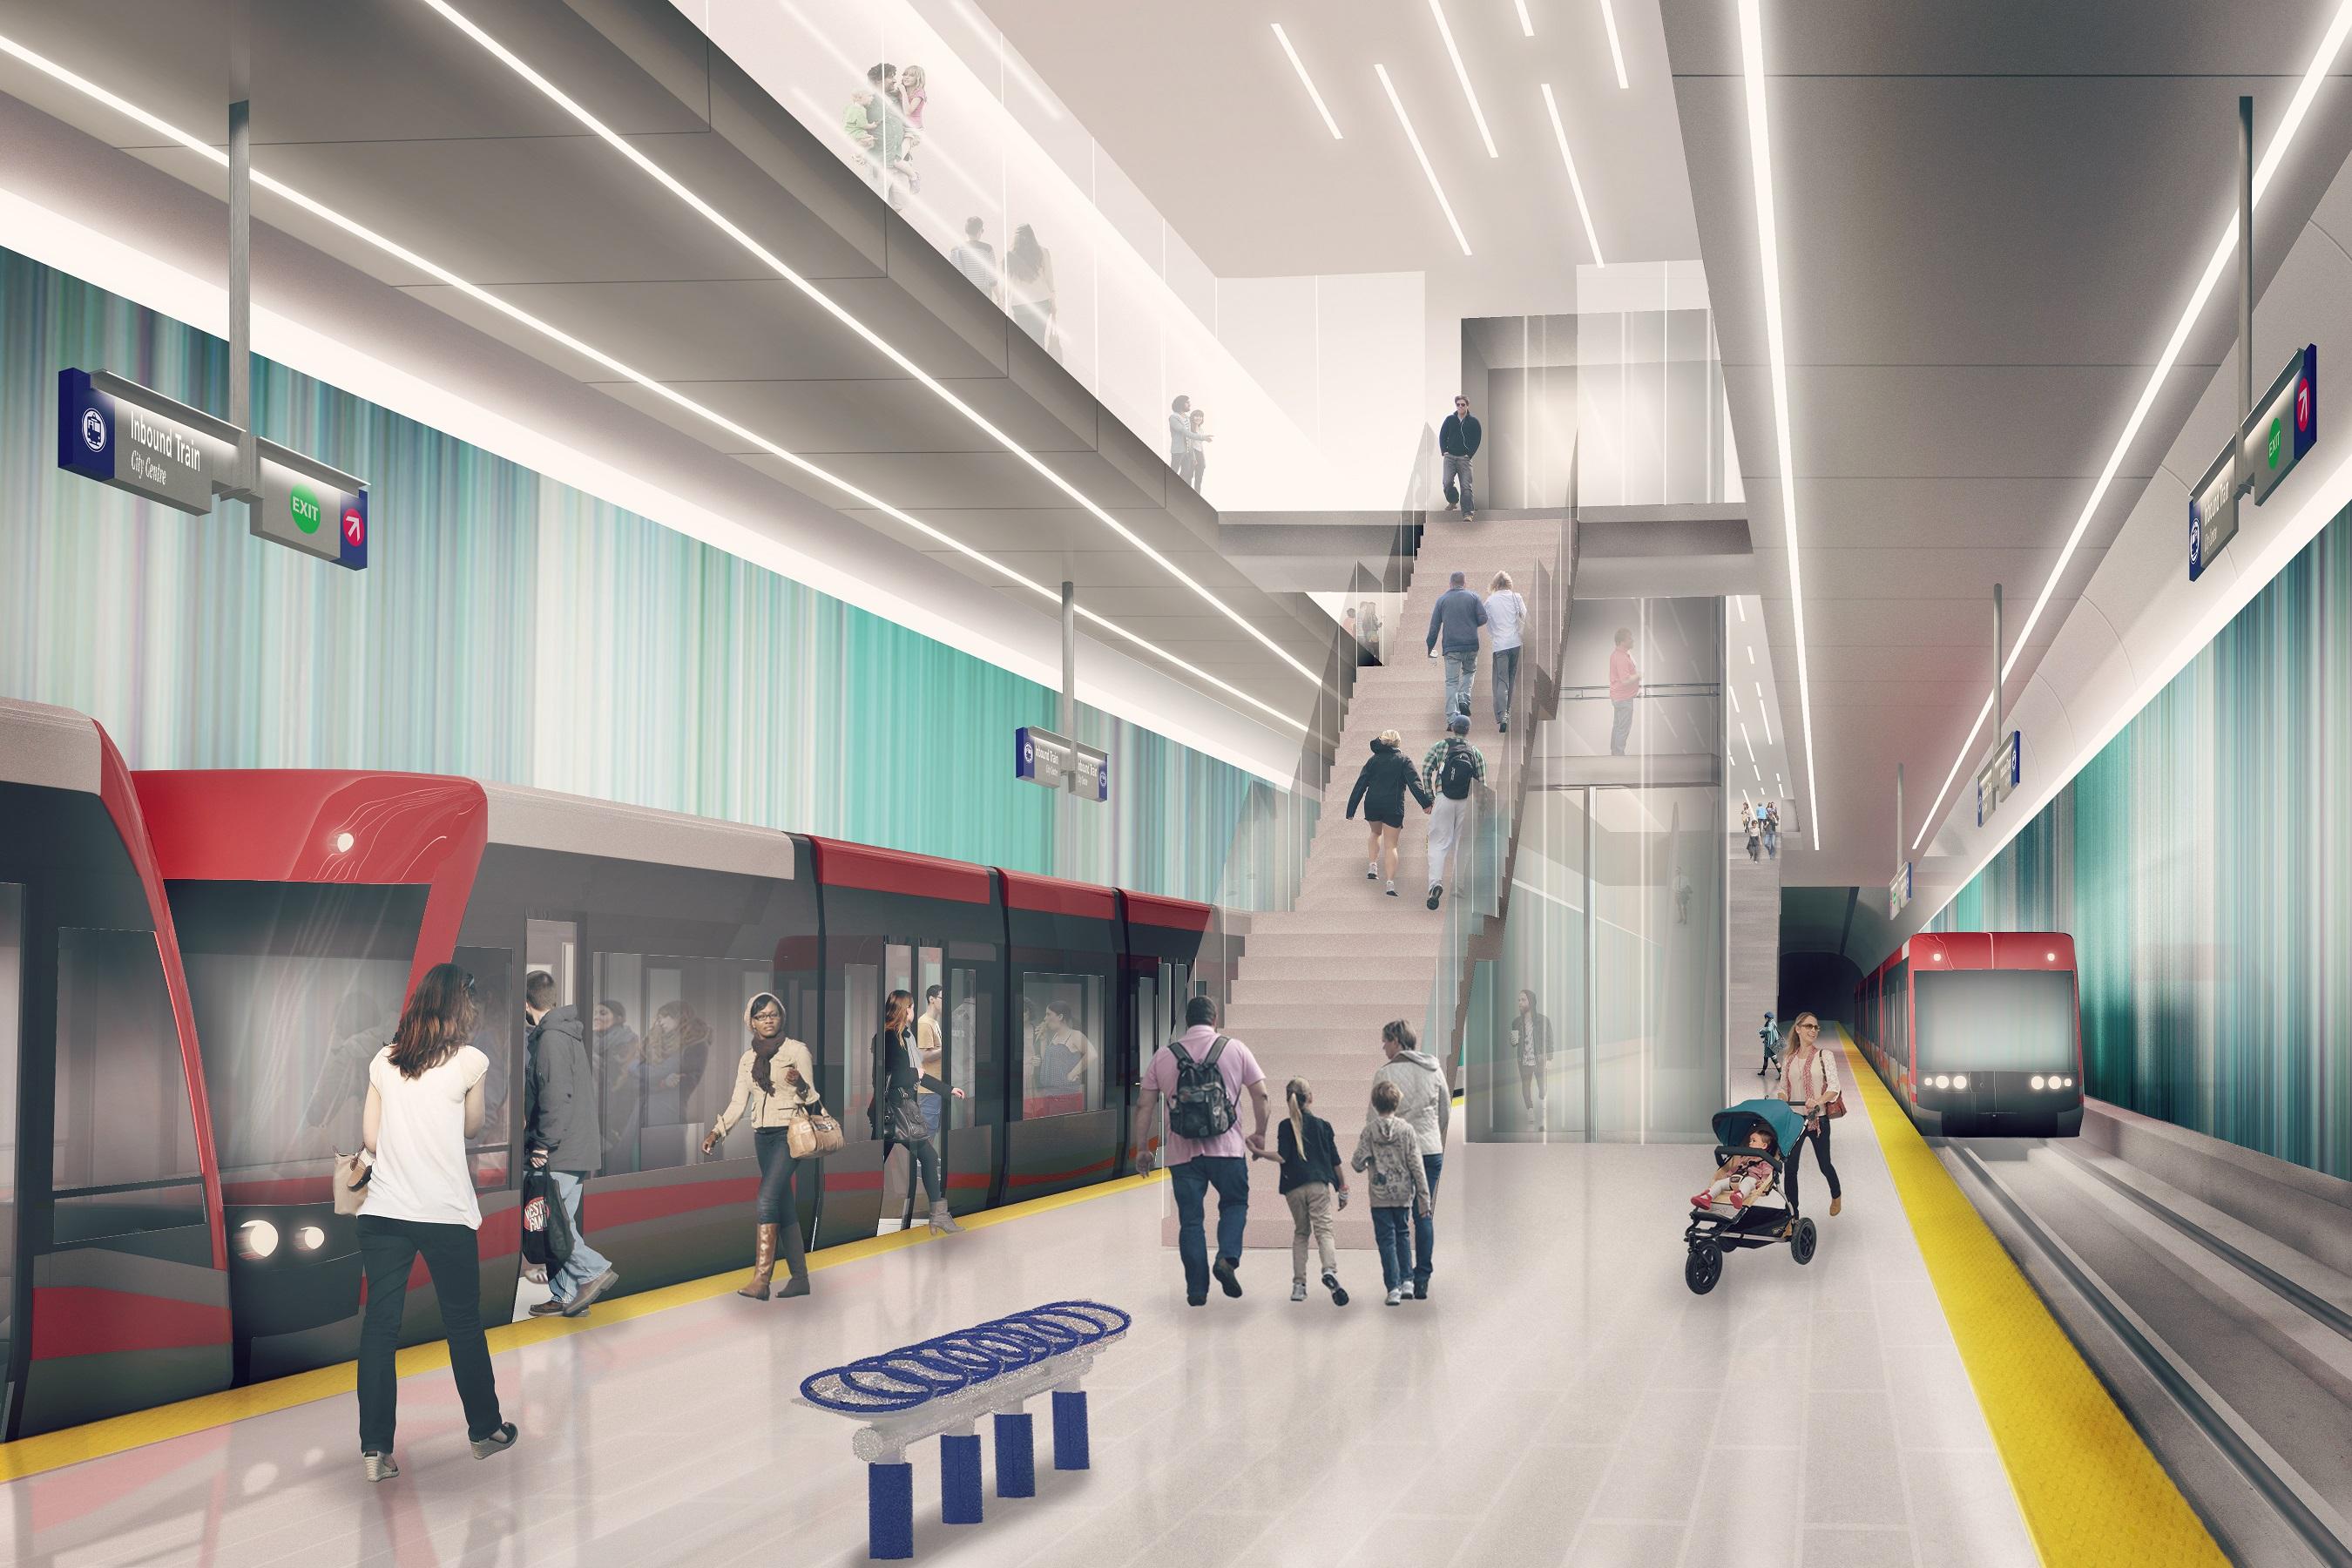 Underground station platform design